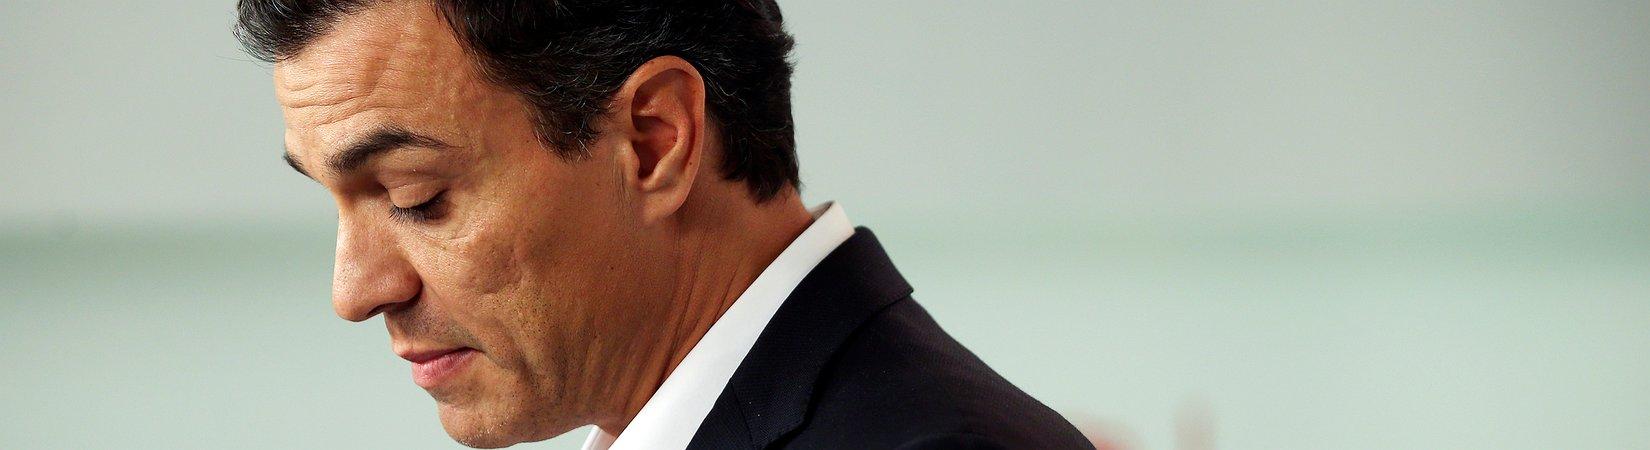 Los dos mayores bancos de EE. UU. temen la victoria de Sánchez en el PSOE